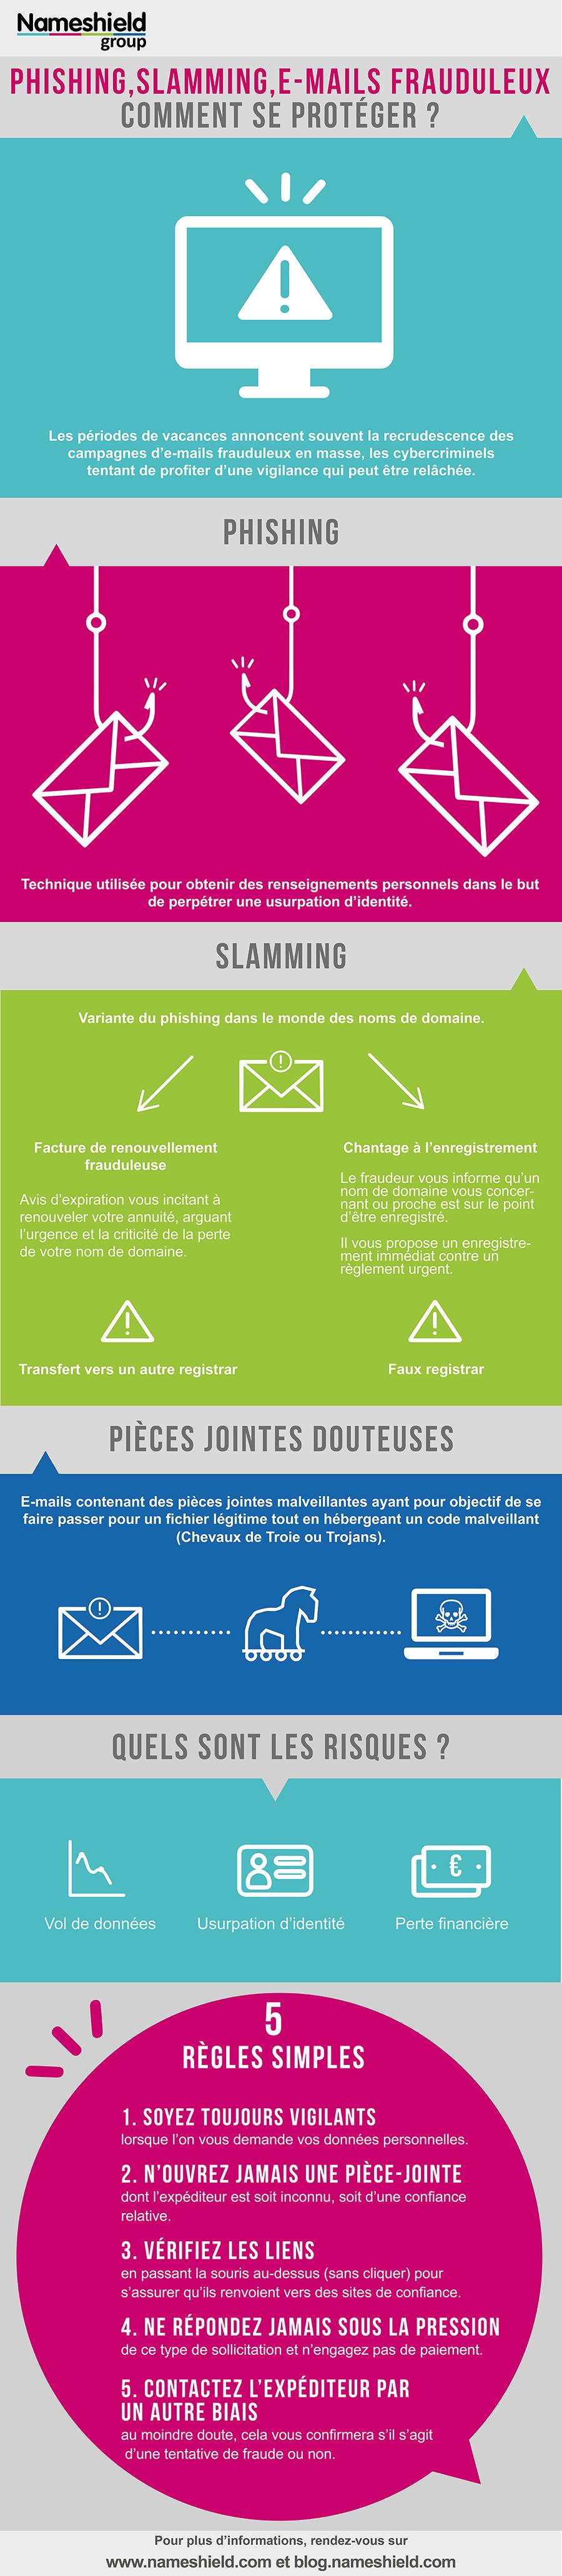 Phishing, slamming, e-mails frauduleux : Soyez vigilants pendant les périodes de vacances!